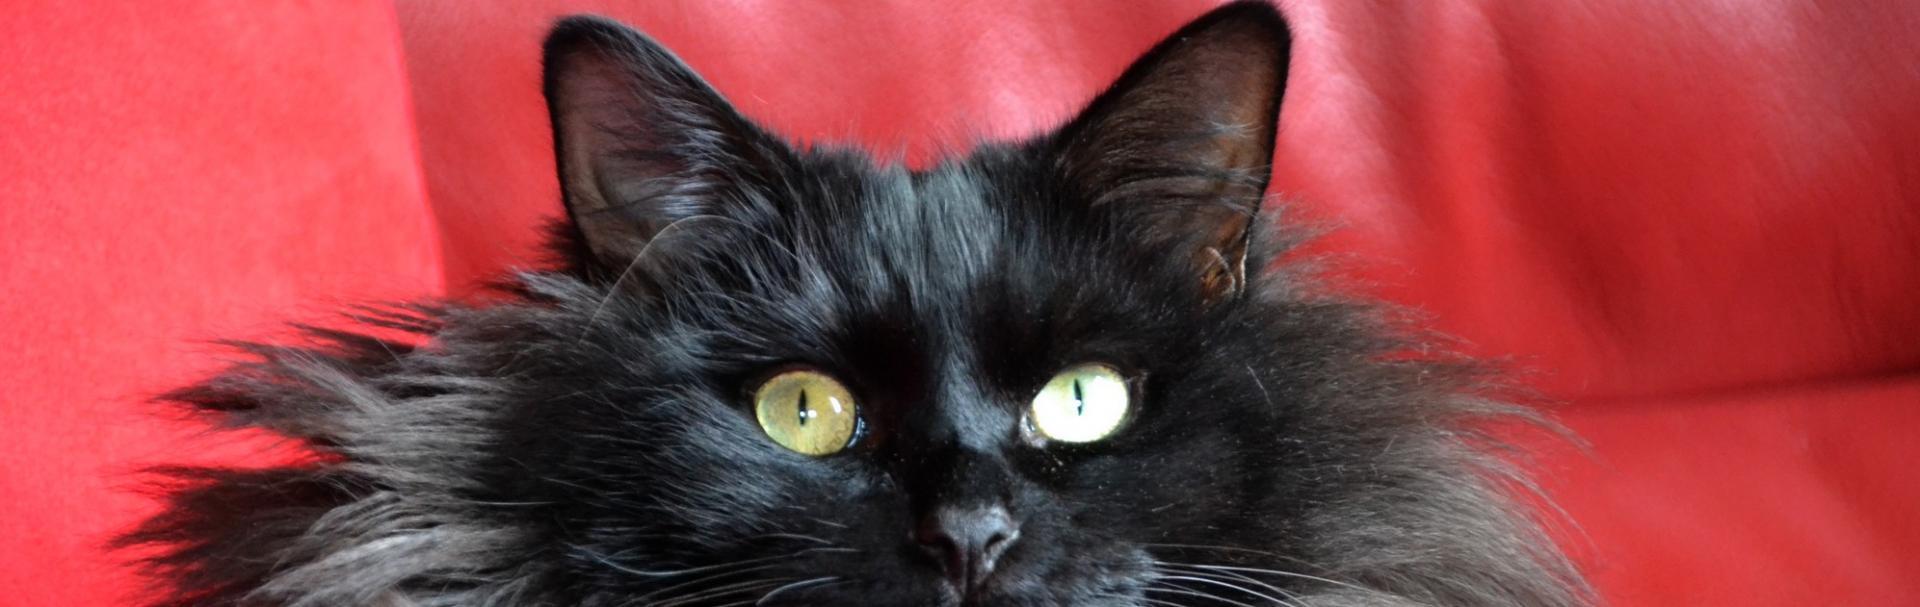 Chats noirs jJules